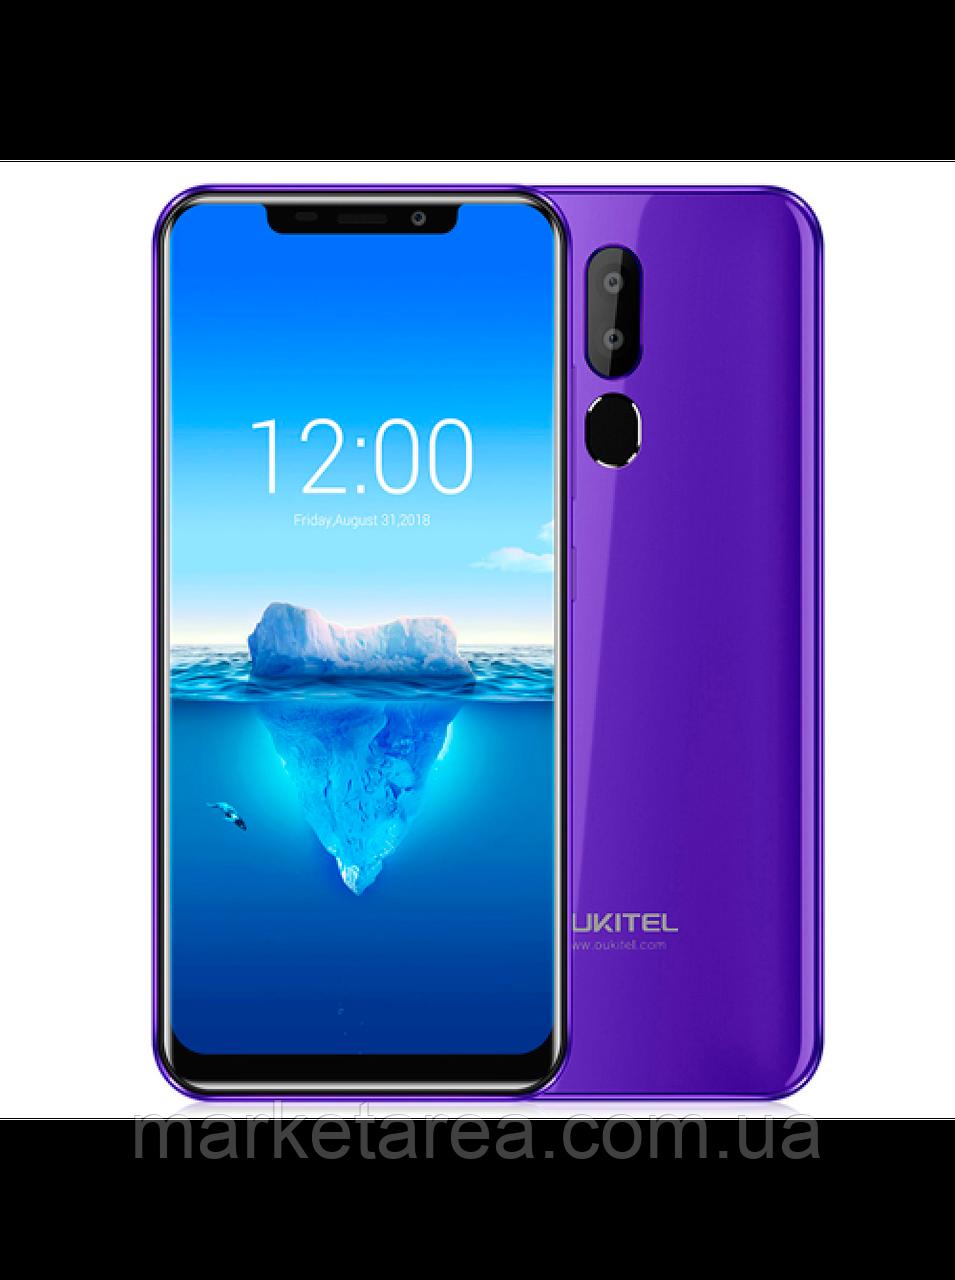 Смартфон оукител фиолетовый с большим экраном и сканером отпечатка пальца на 2 симки OUKITEL C12 purple 2/16Gb